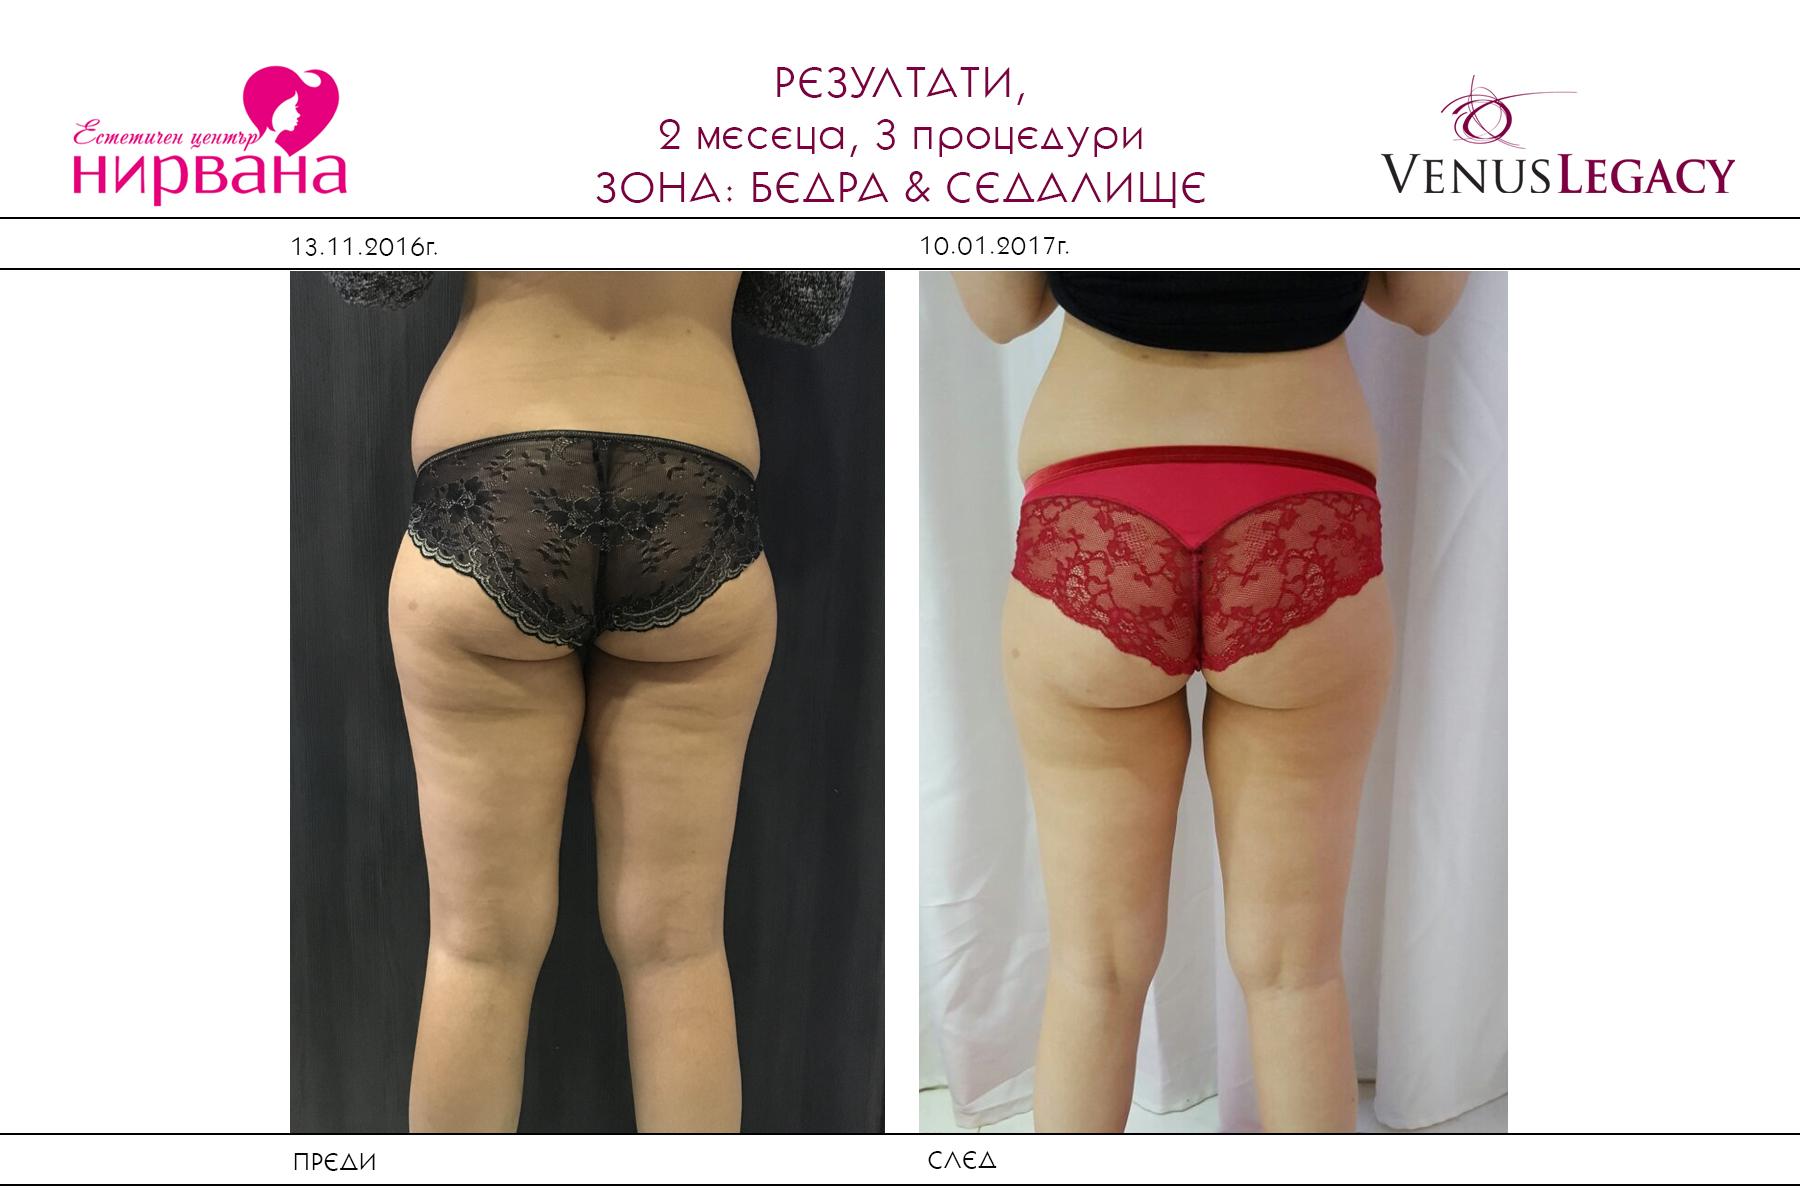 results-venus-legacy-nirvana-sofia